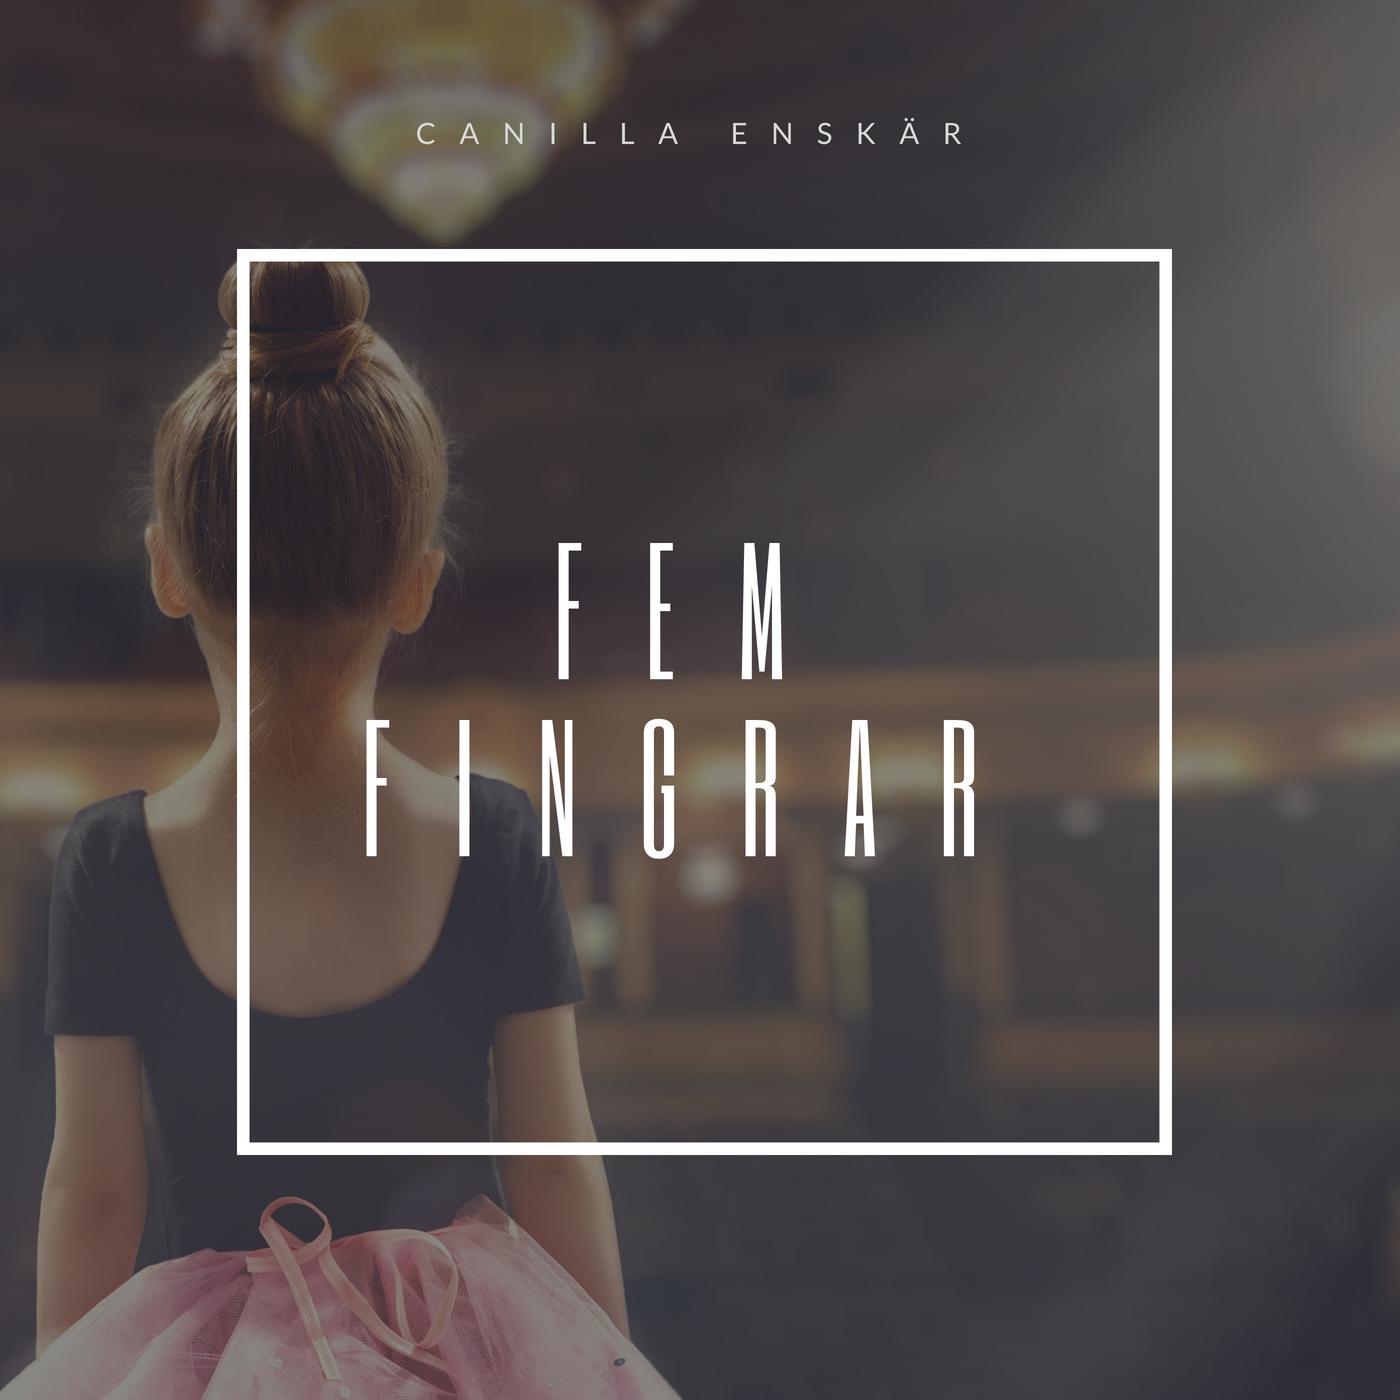 Canilla Enskär: Handens Fem Fingrar - Album på Spotify. Kompositör Peter Le Marc